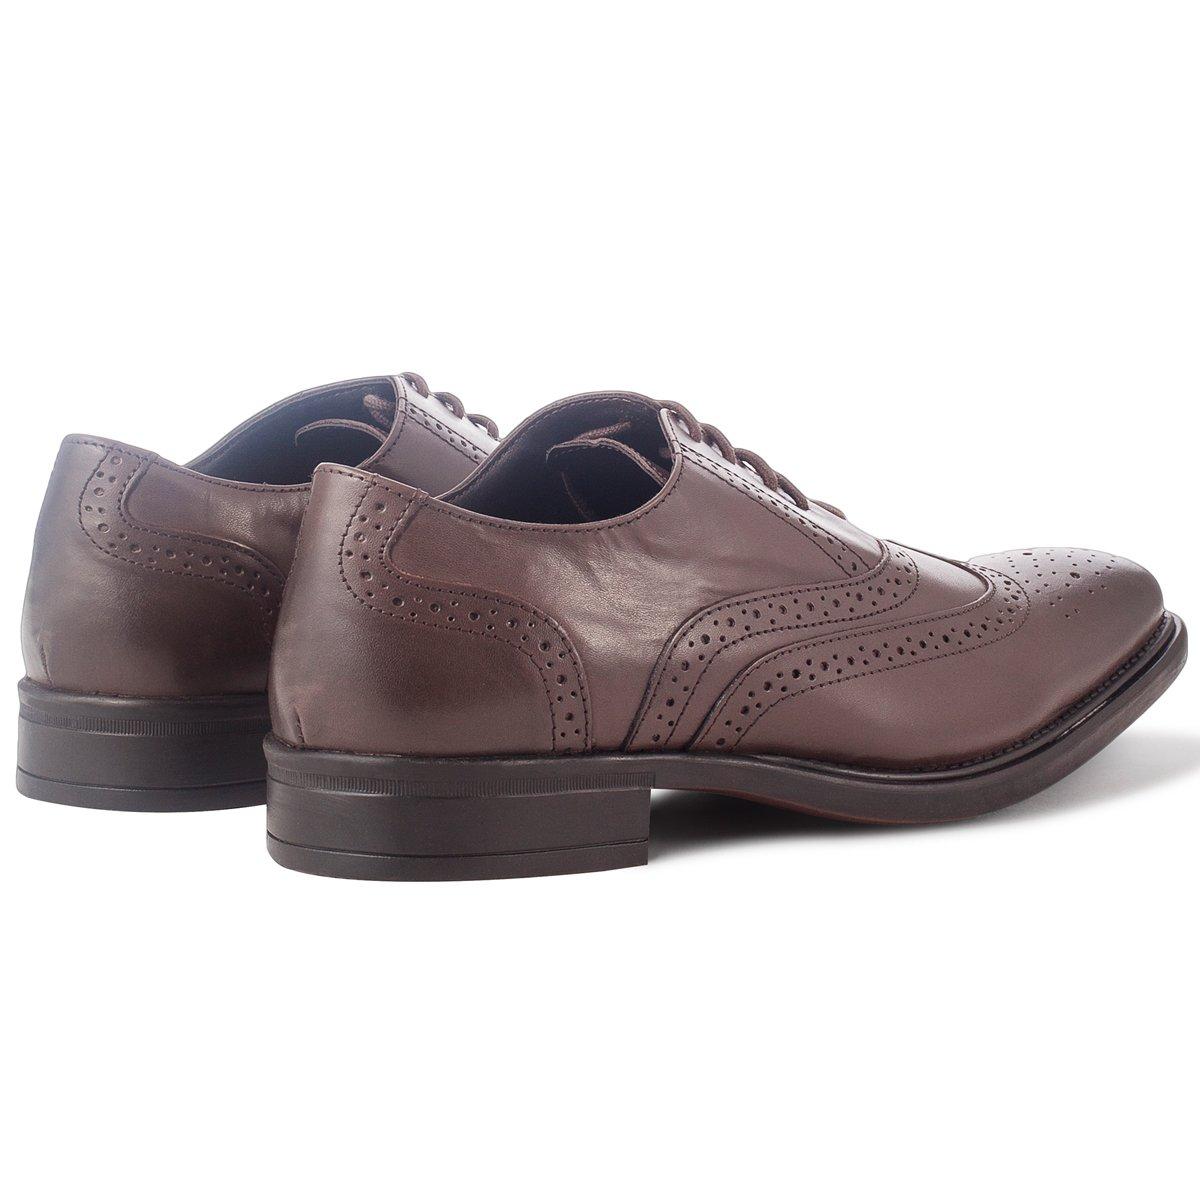 shoeprimo , Chaussures de ville à lacets pour homme Marron Browm 44